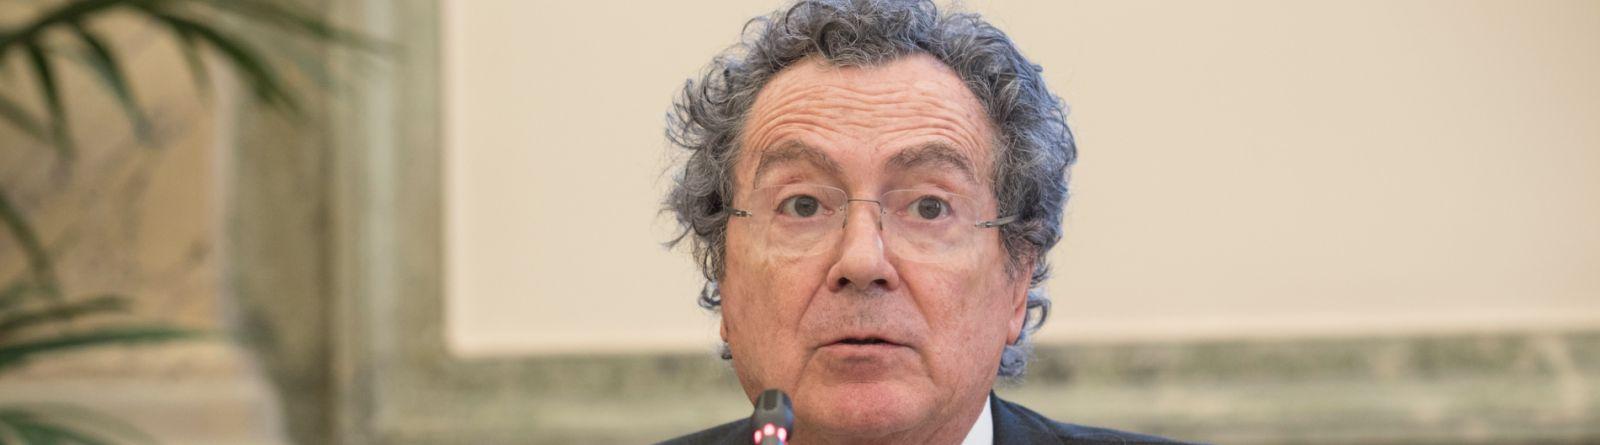 Gros-Pietro: le banche si impegnino per la transizione industriale